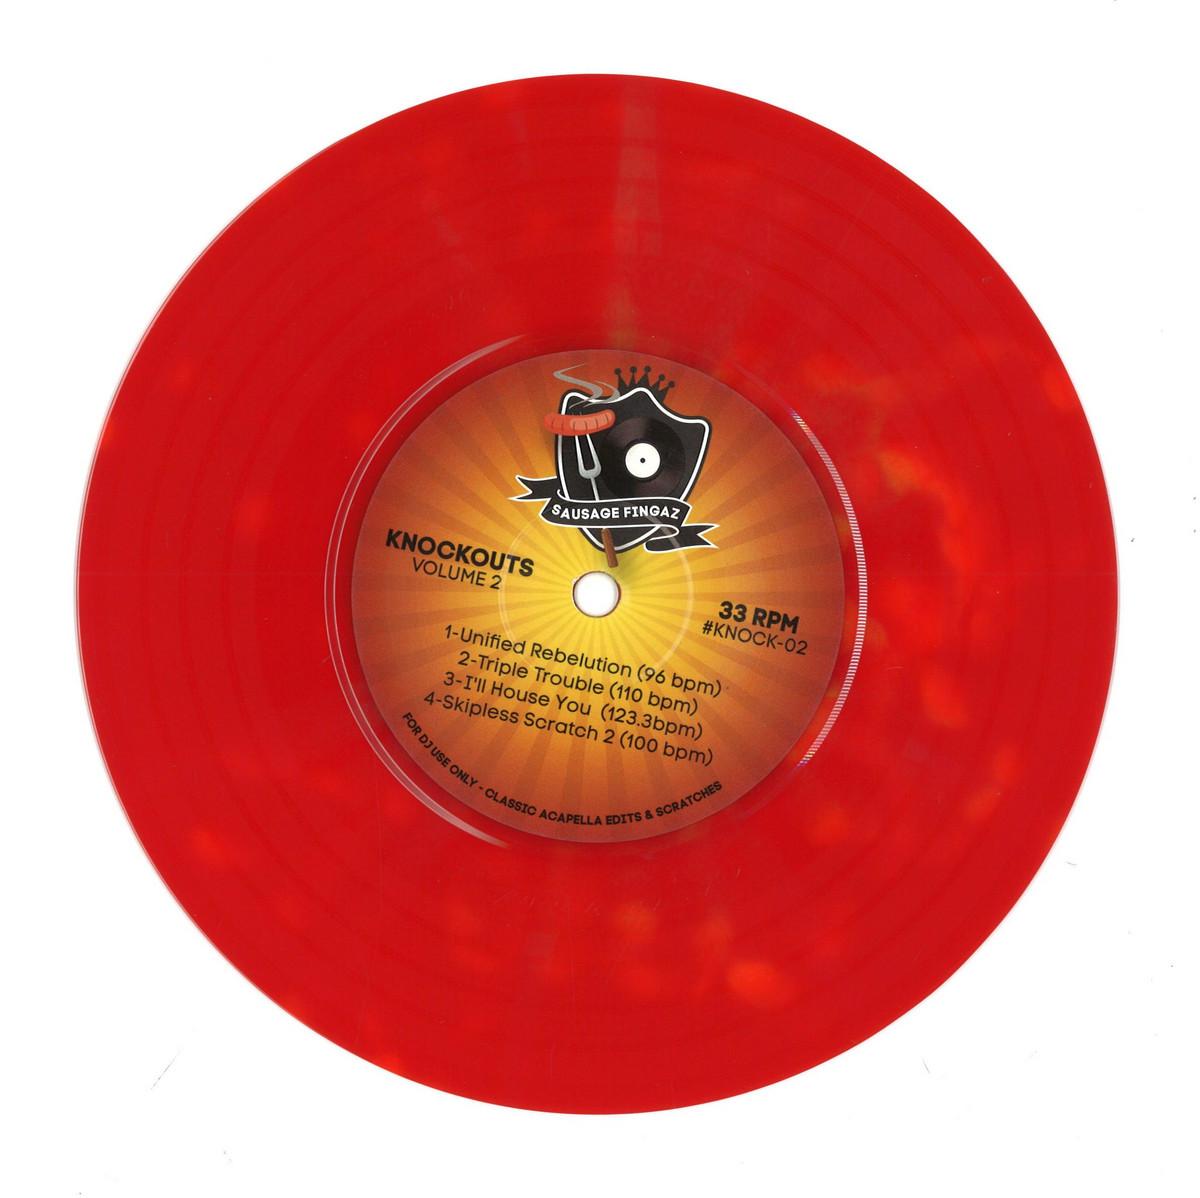 DJ Sausage Fingaz - Knockouts Volume 2 / KNOCKOUTS KNOCK-02